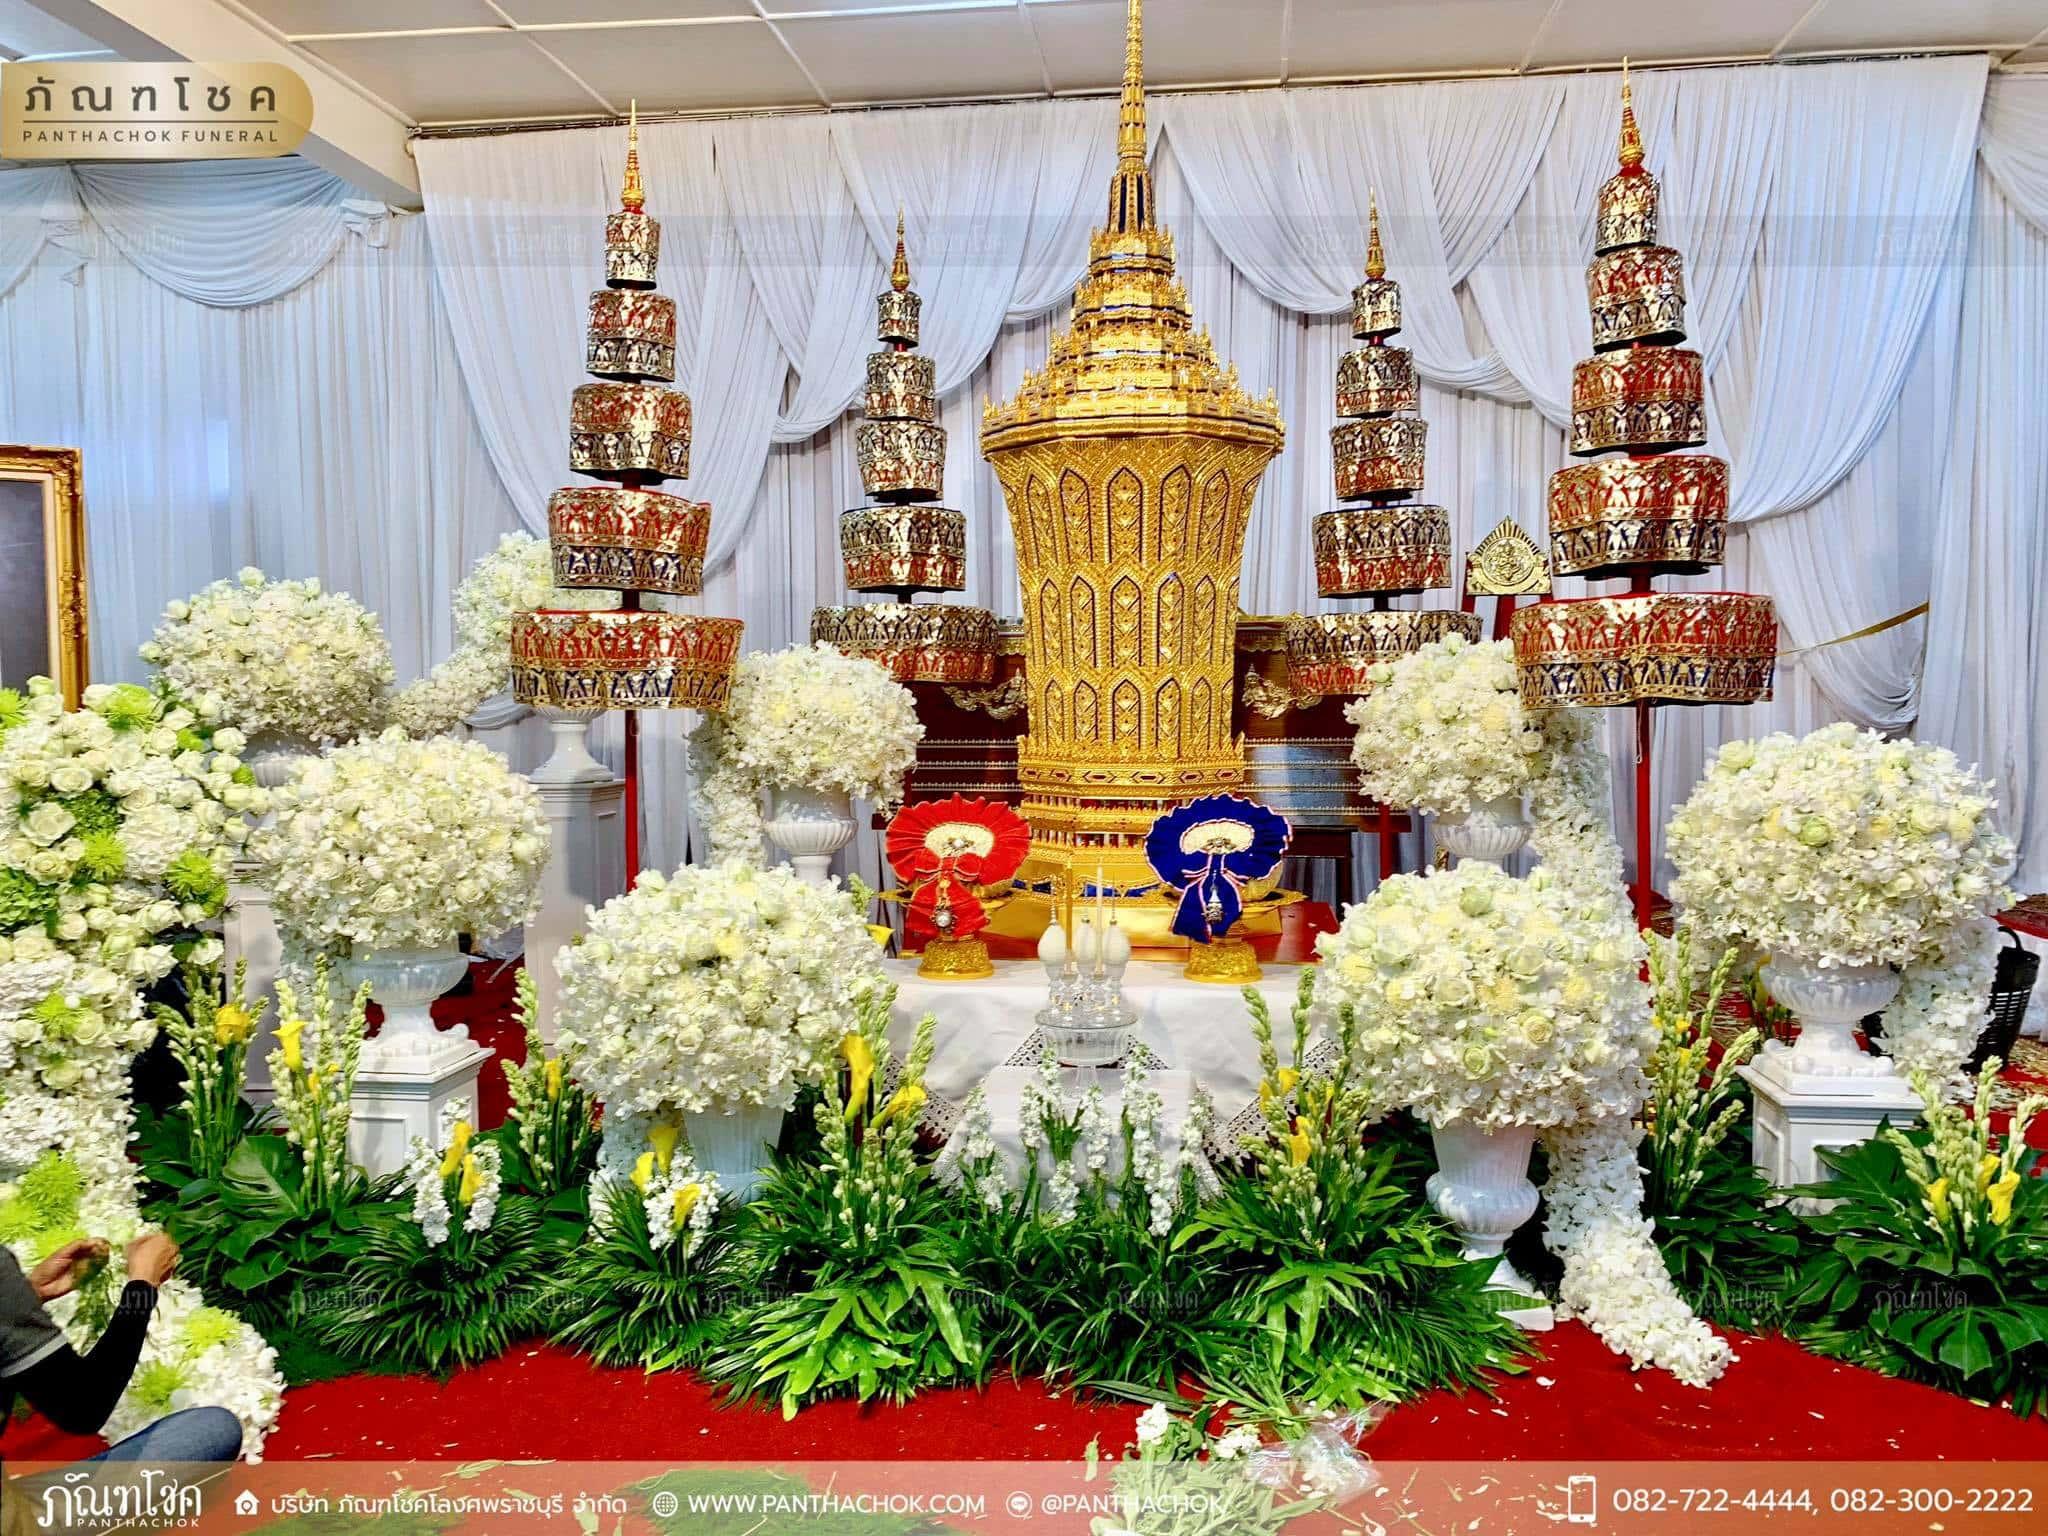 ดอกไม้ประดับหน้าโกศ อดีตผู้ว่าราชการจังหวัดราชบุรี 10